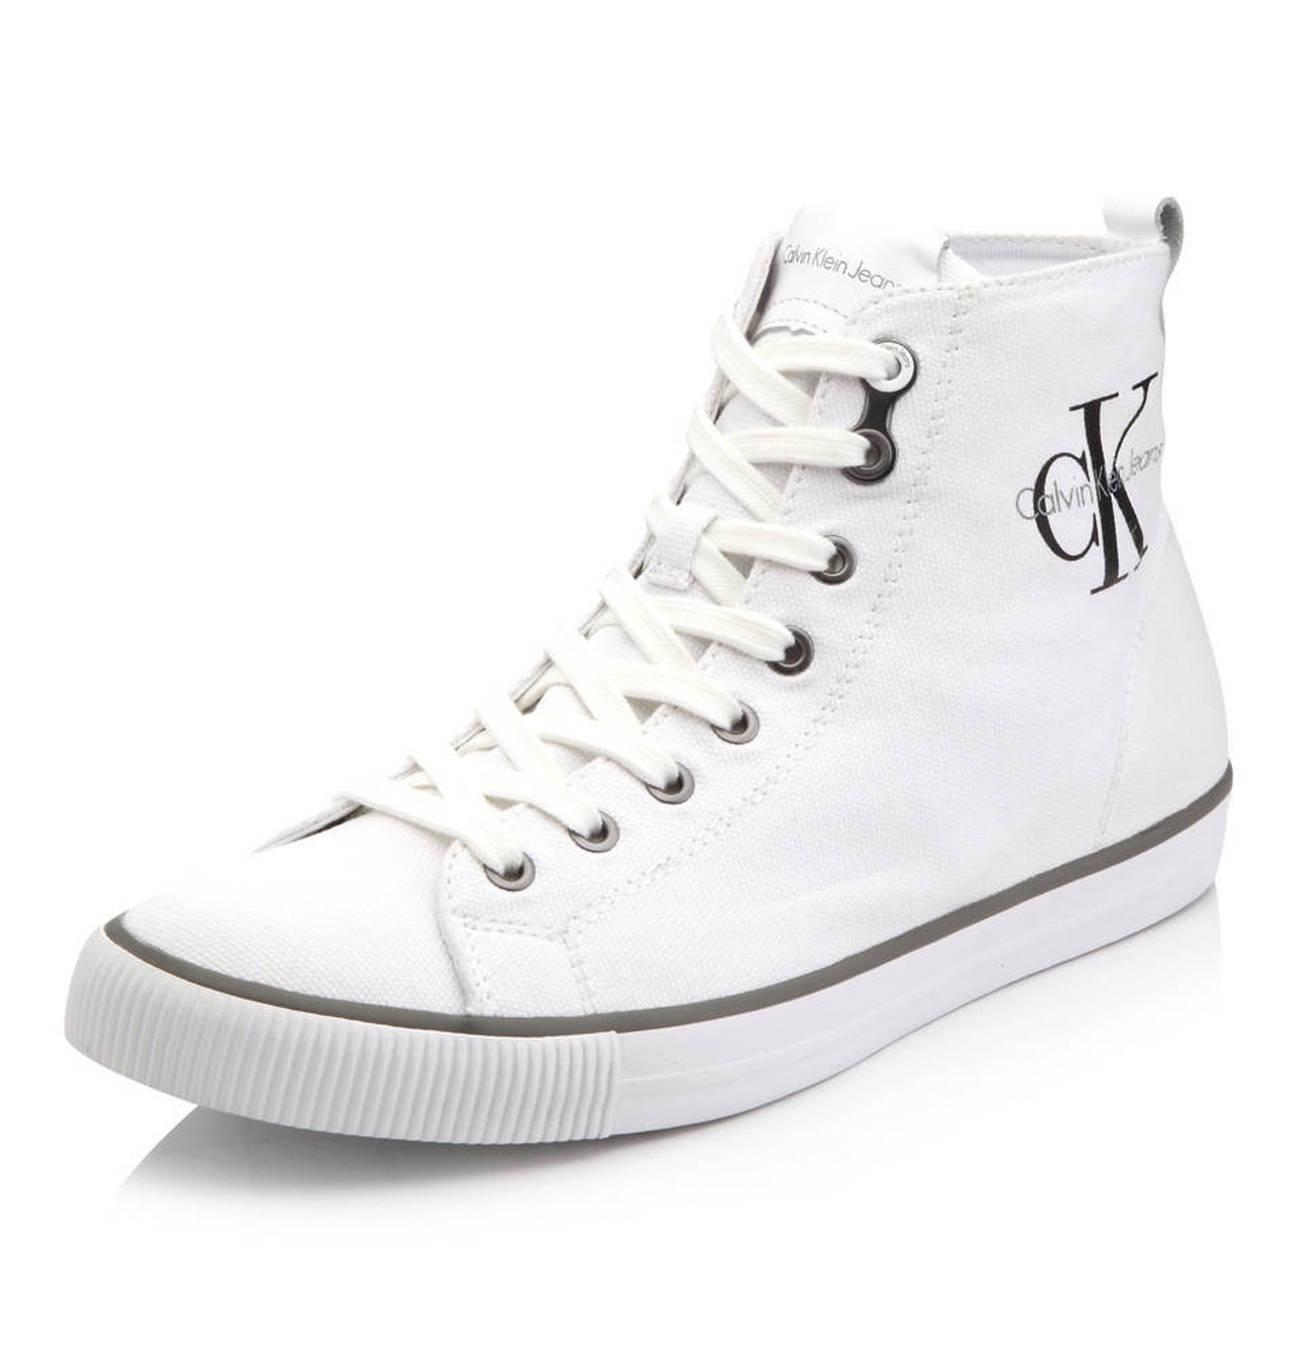 Calvin Klein Jeans Arthur sneakers voor €44,98